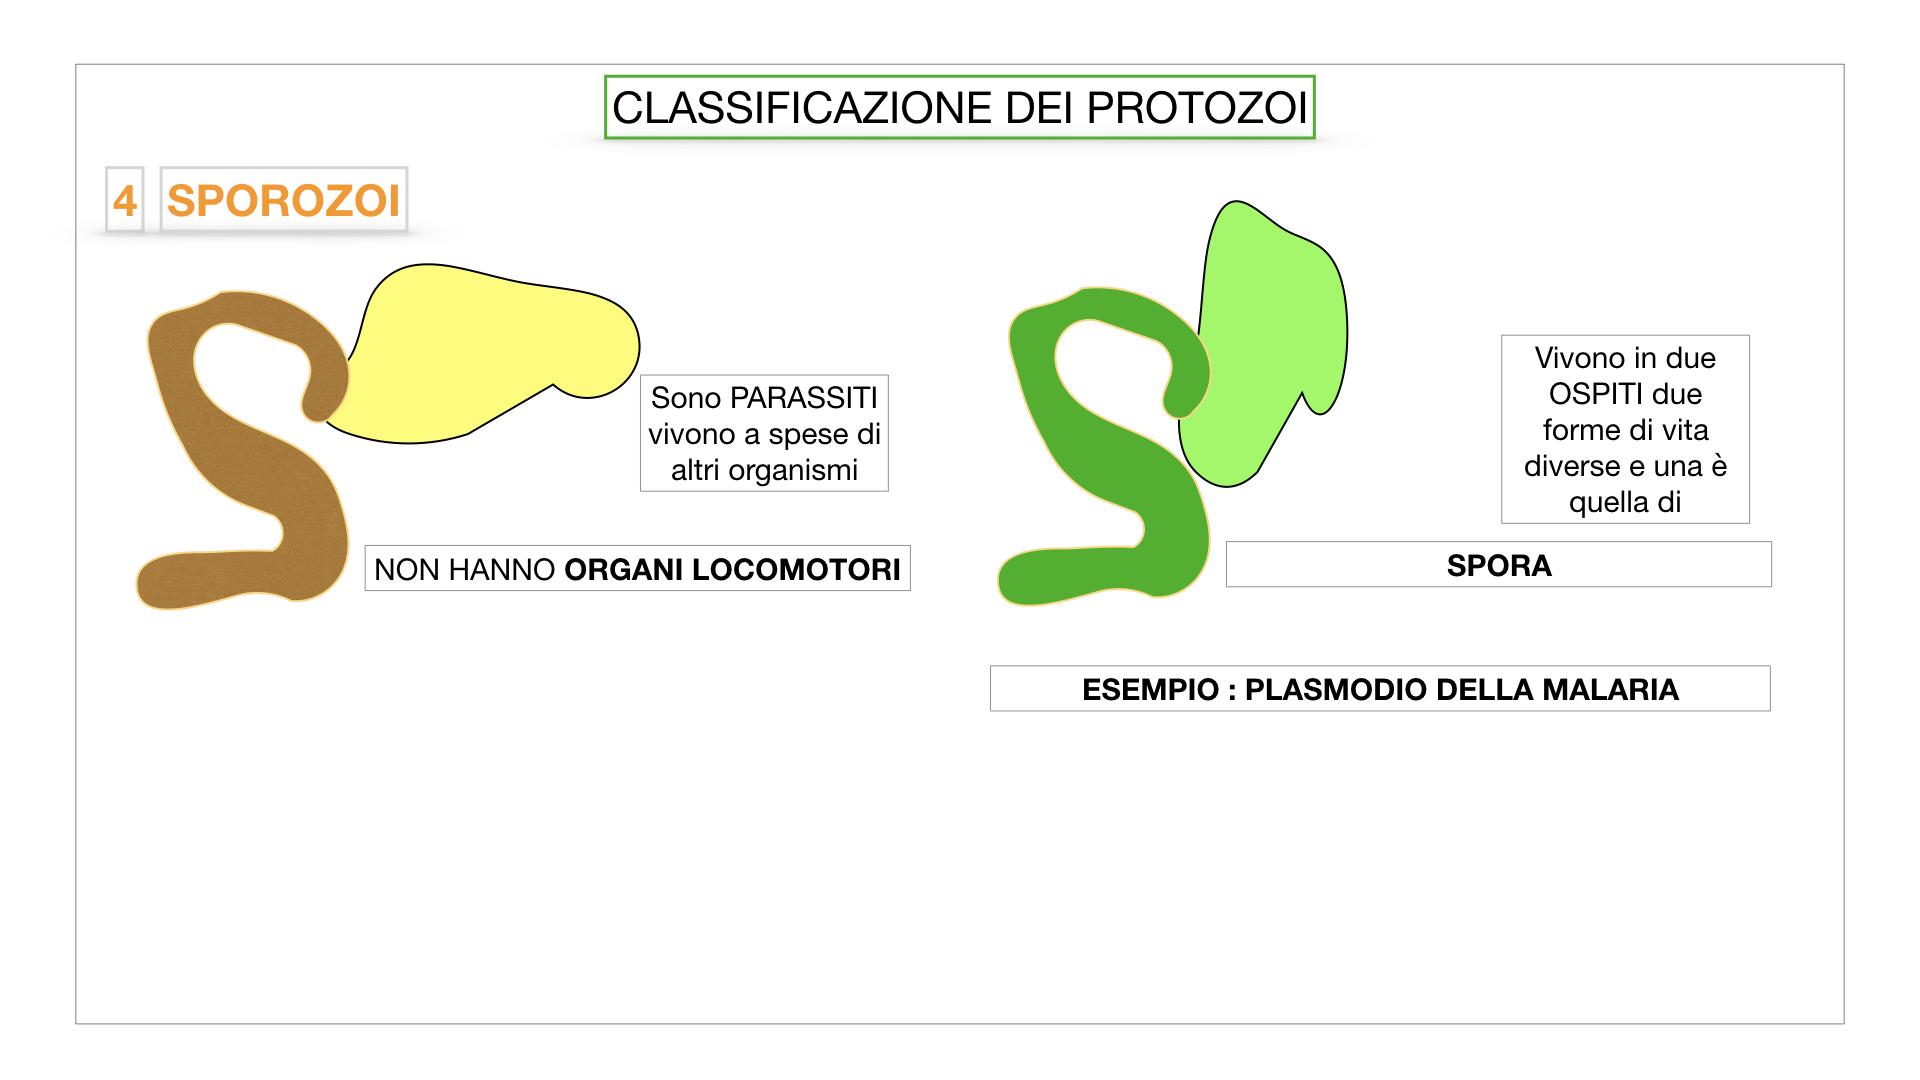 6. PROTOZOI_classificazione_SIMULAZIONE.050